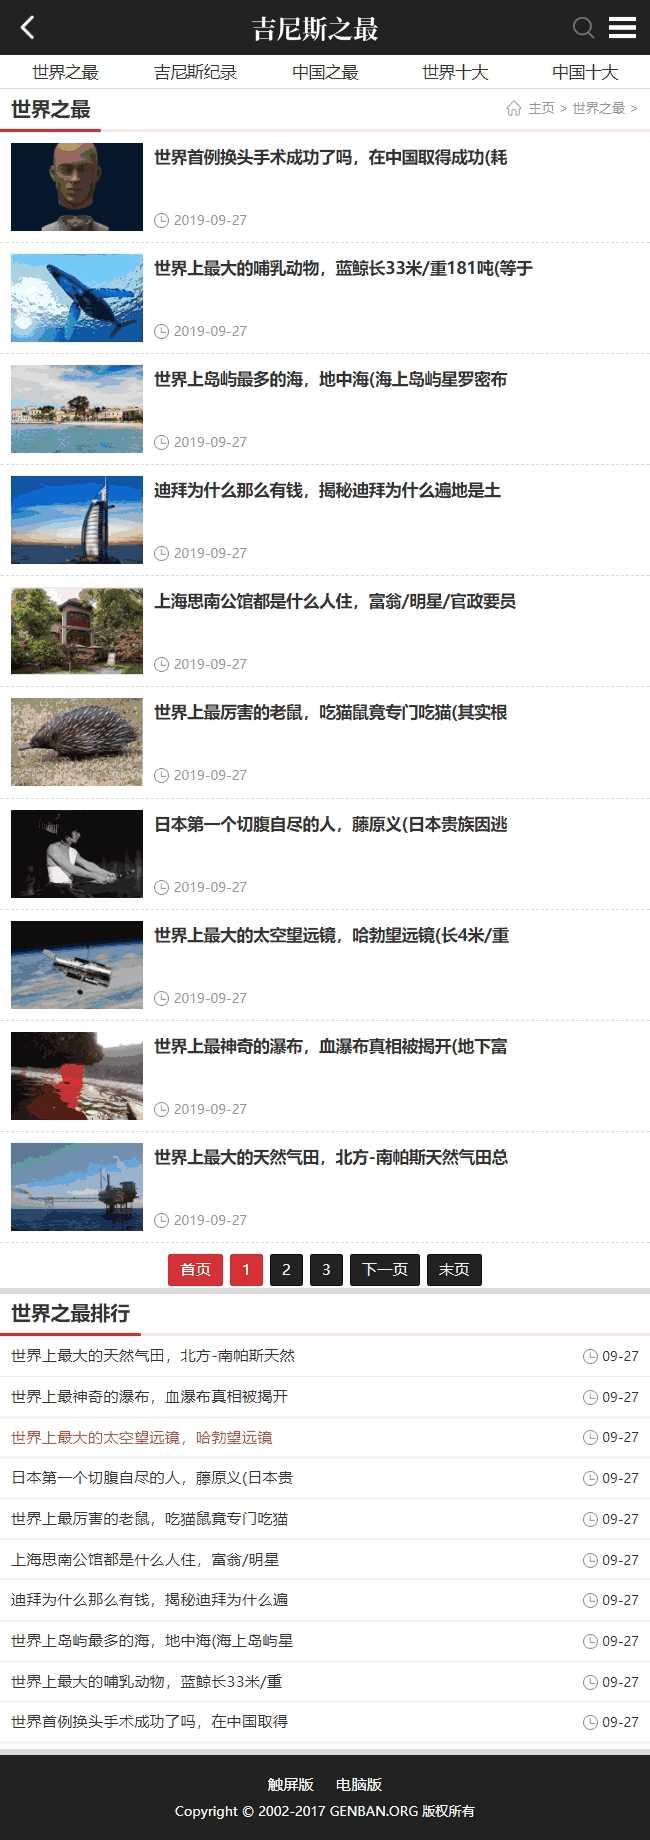 手機列表頁